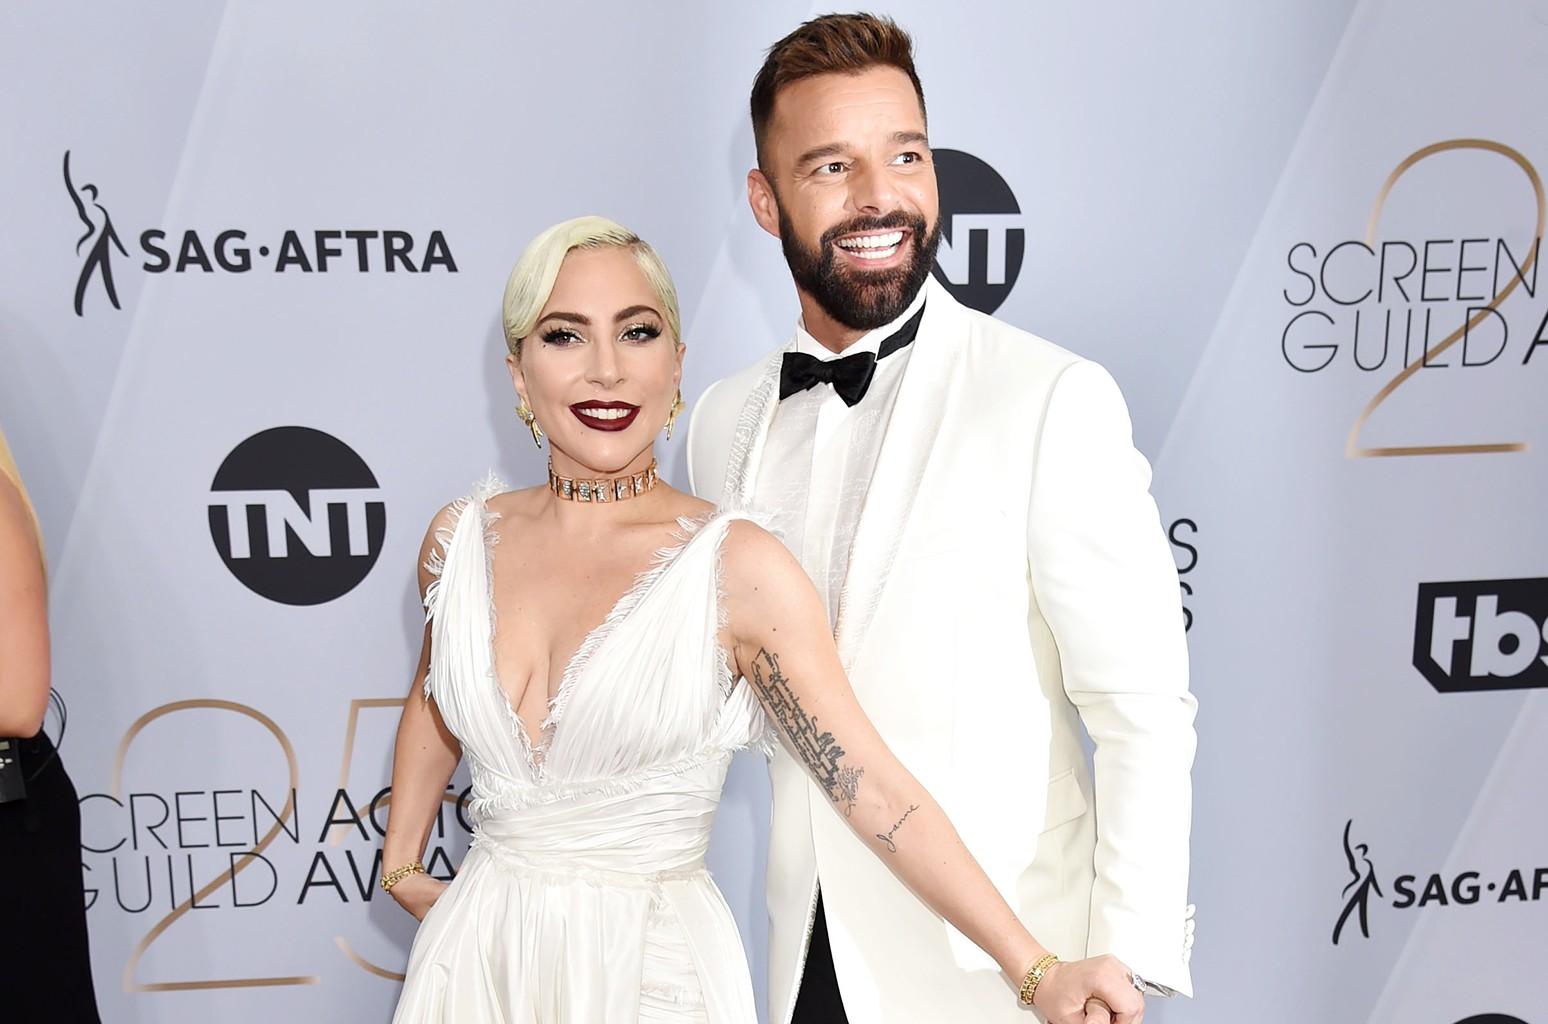 Lady Gaga and Ricky Martin